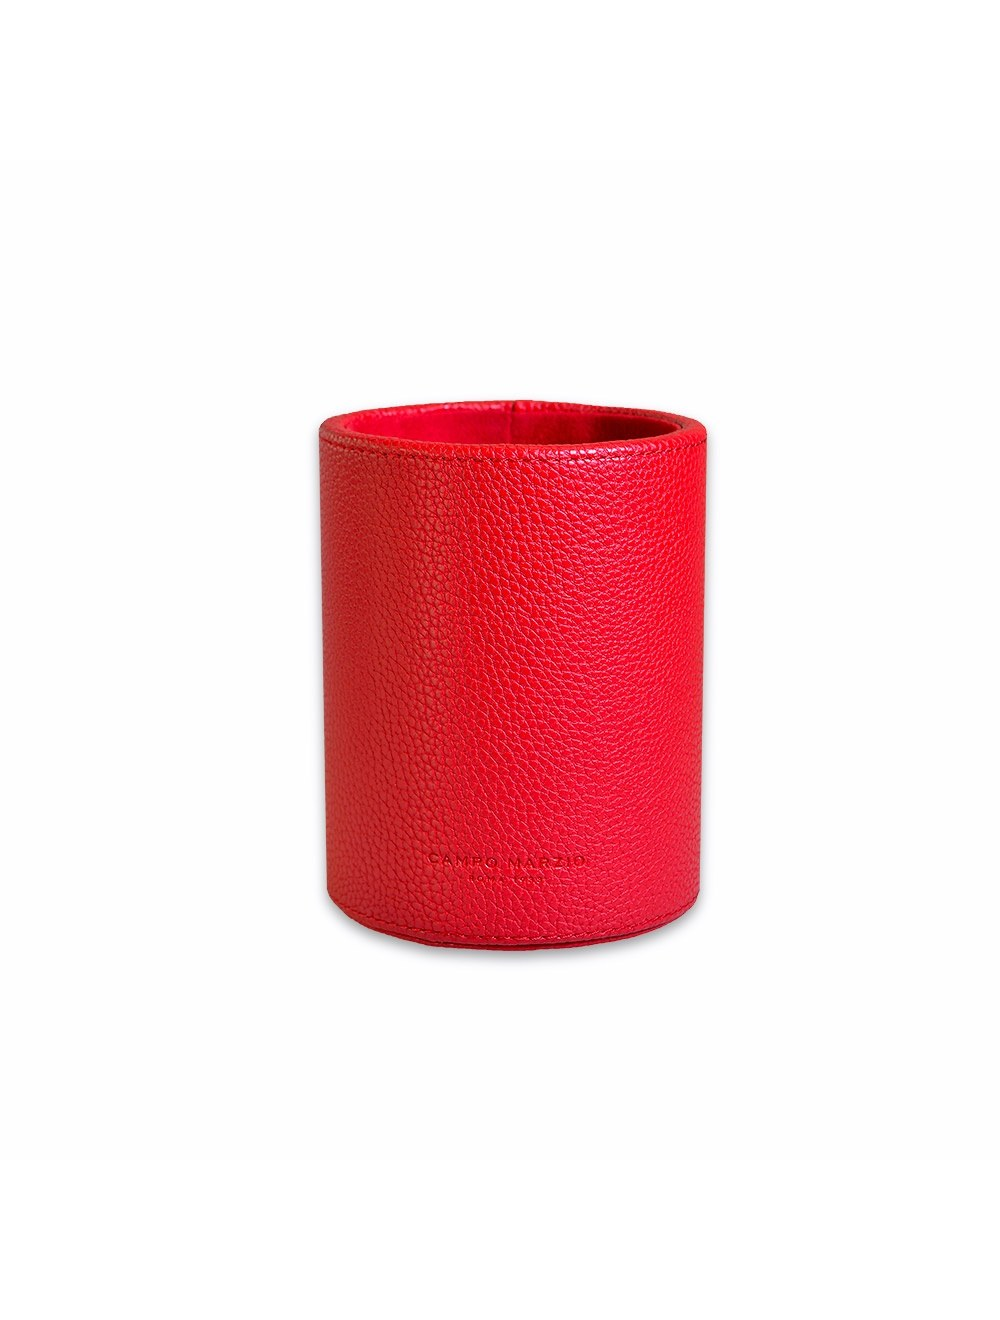 Round  Pen Holder - Cherry Red